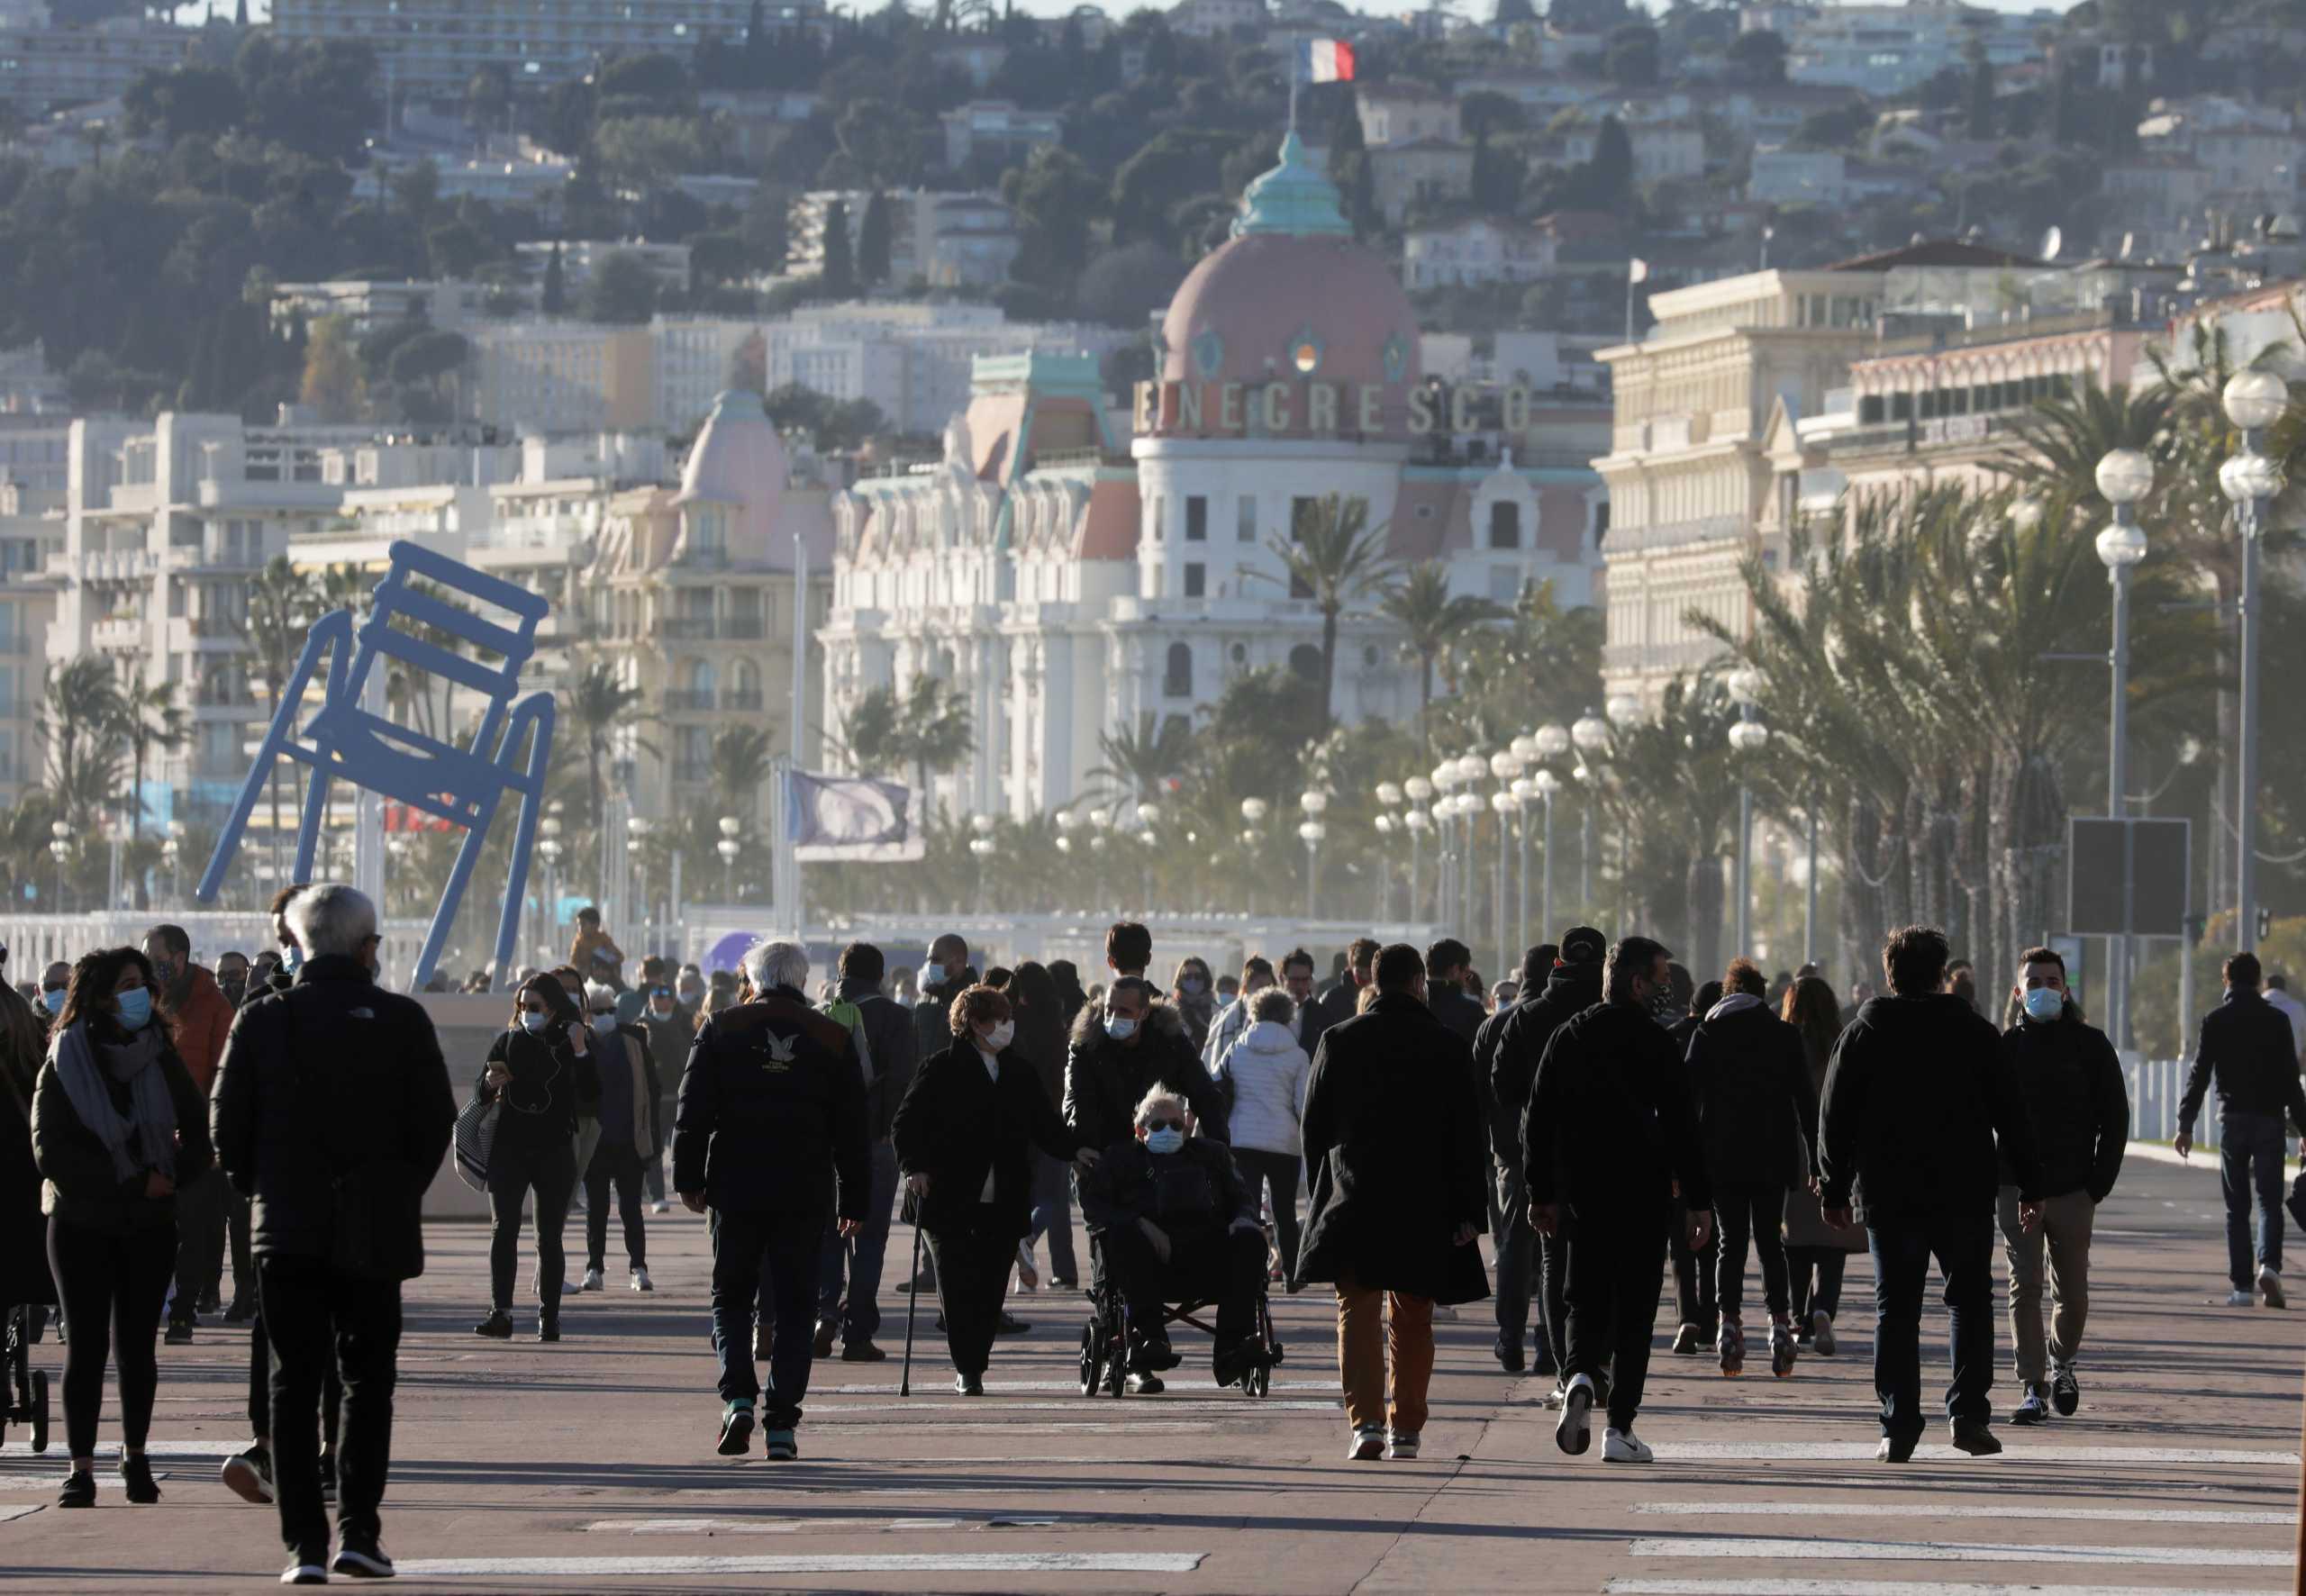 Γαλλία: Τρίτο lockdown τον Φεβρουάριο εισηγείται ο επιστημονικός σύμβουλος της κυβέρνησης